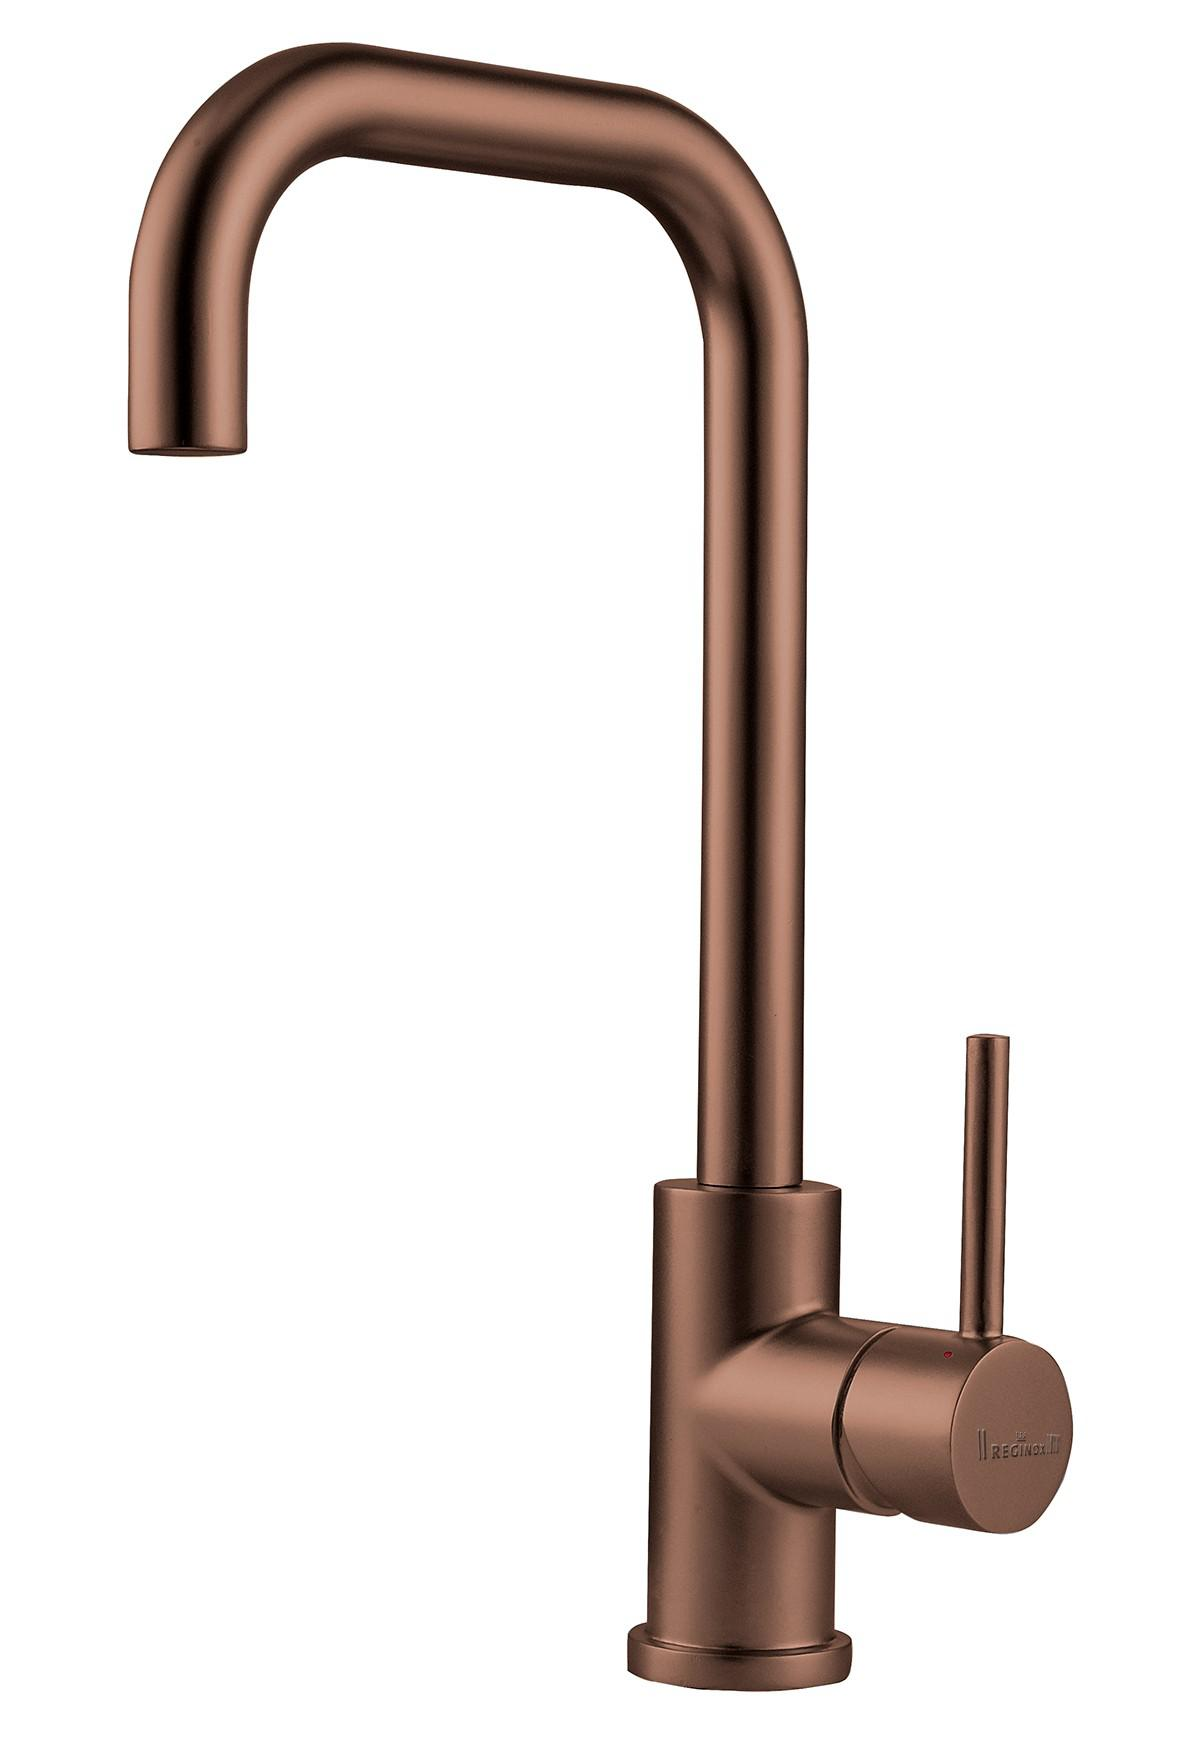 Смеситель для кухни Reginox Crystal copper r30523